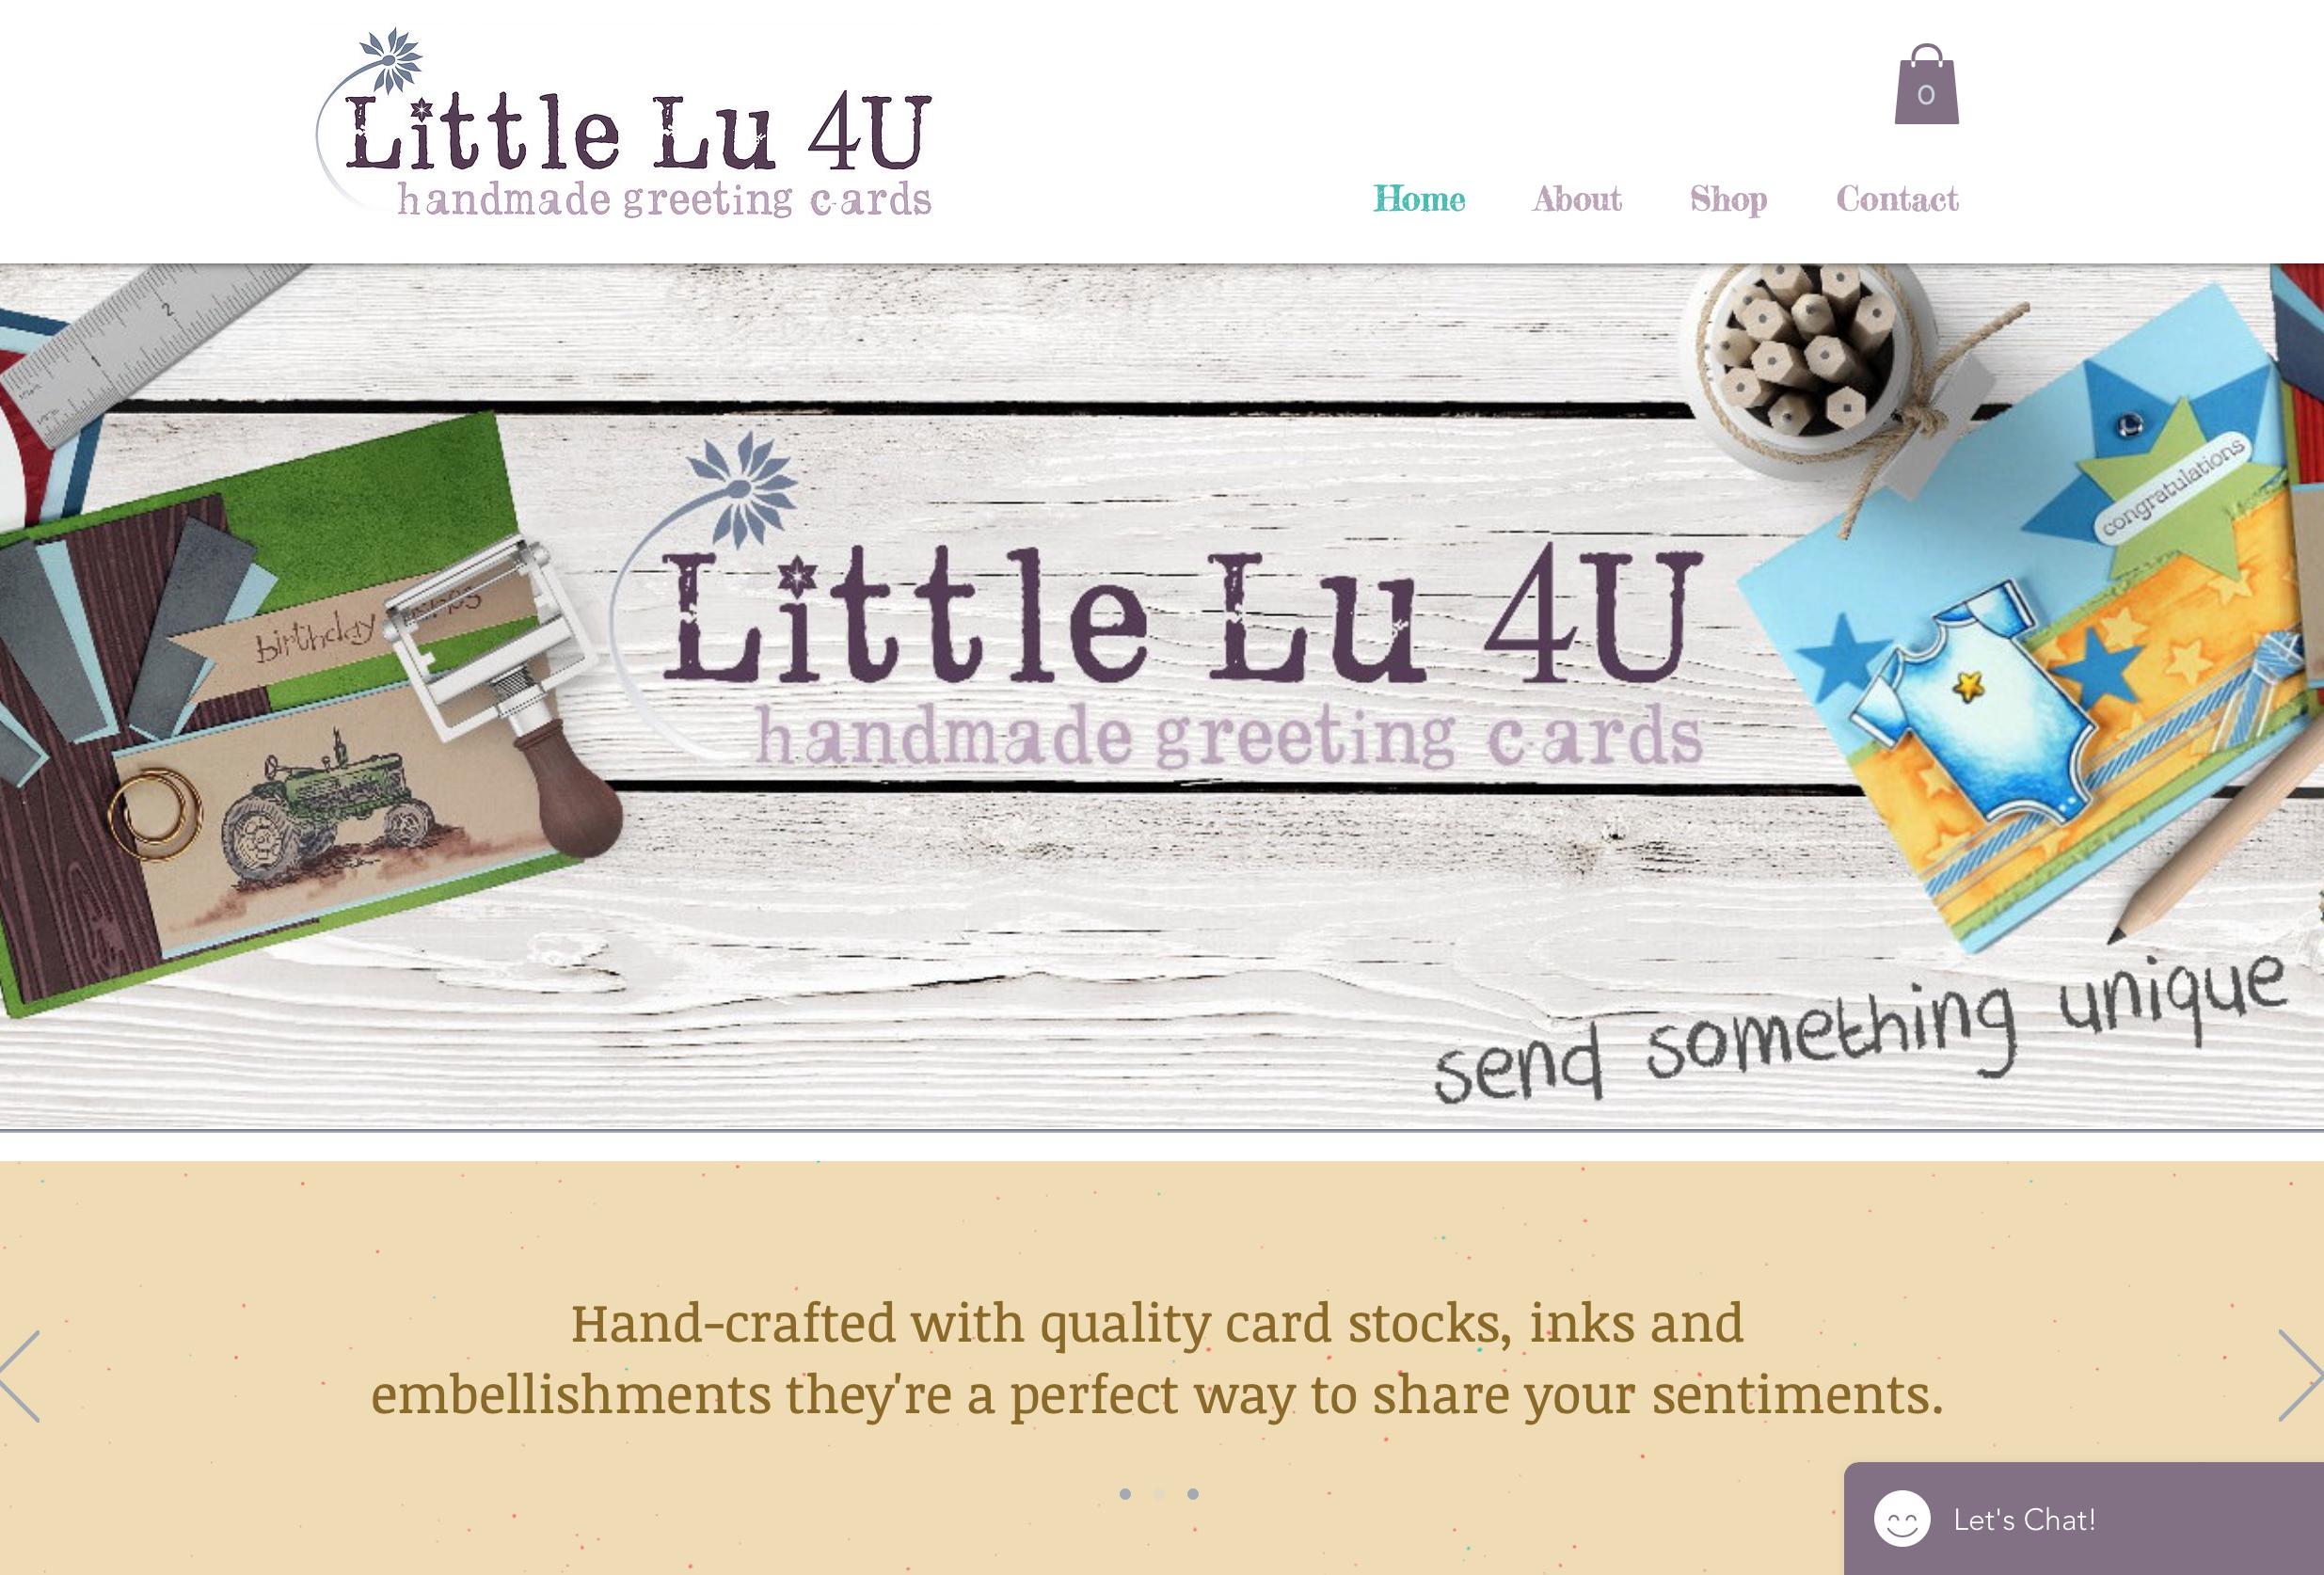 LittleLu4U